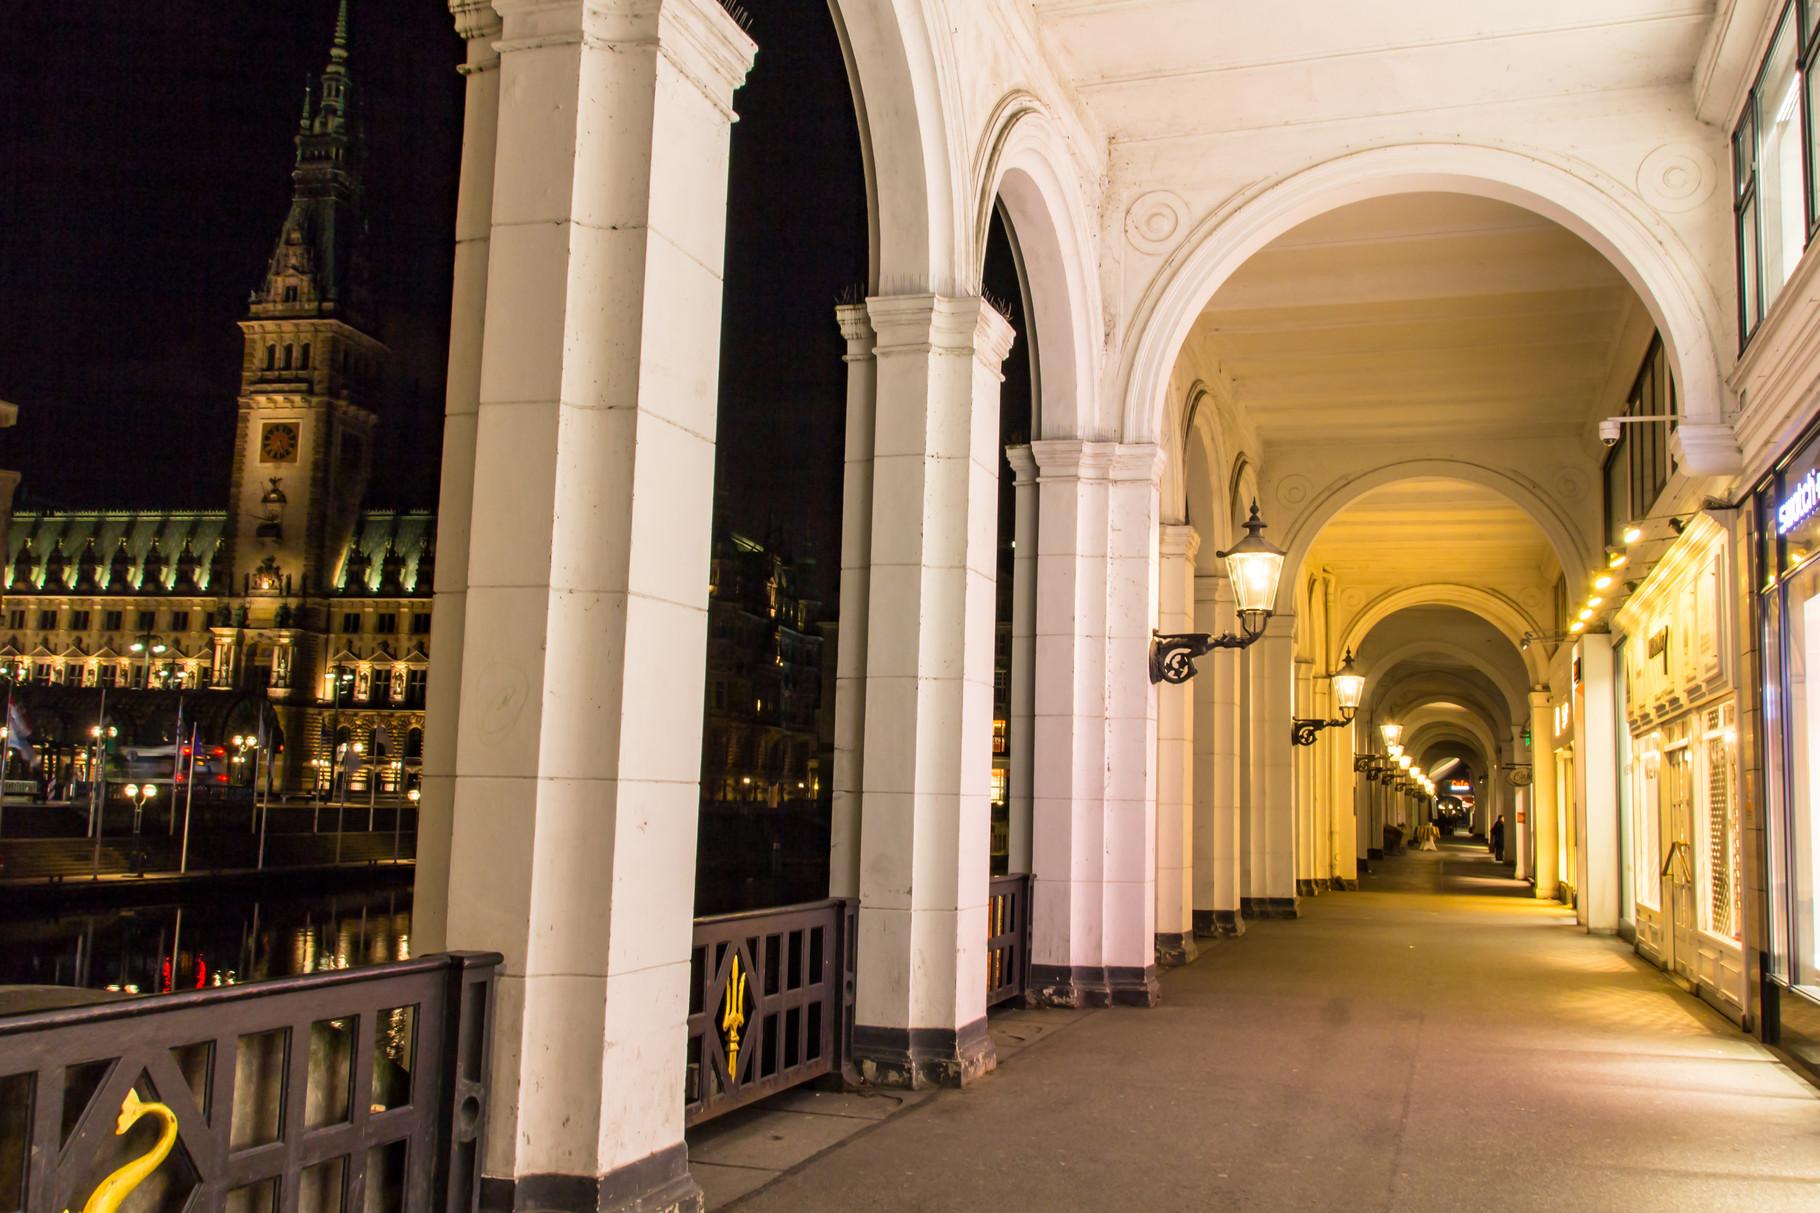 22_Hamburg - Rathaus.